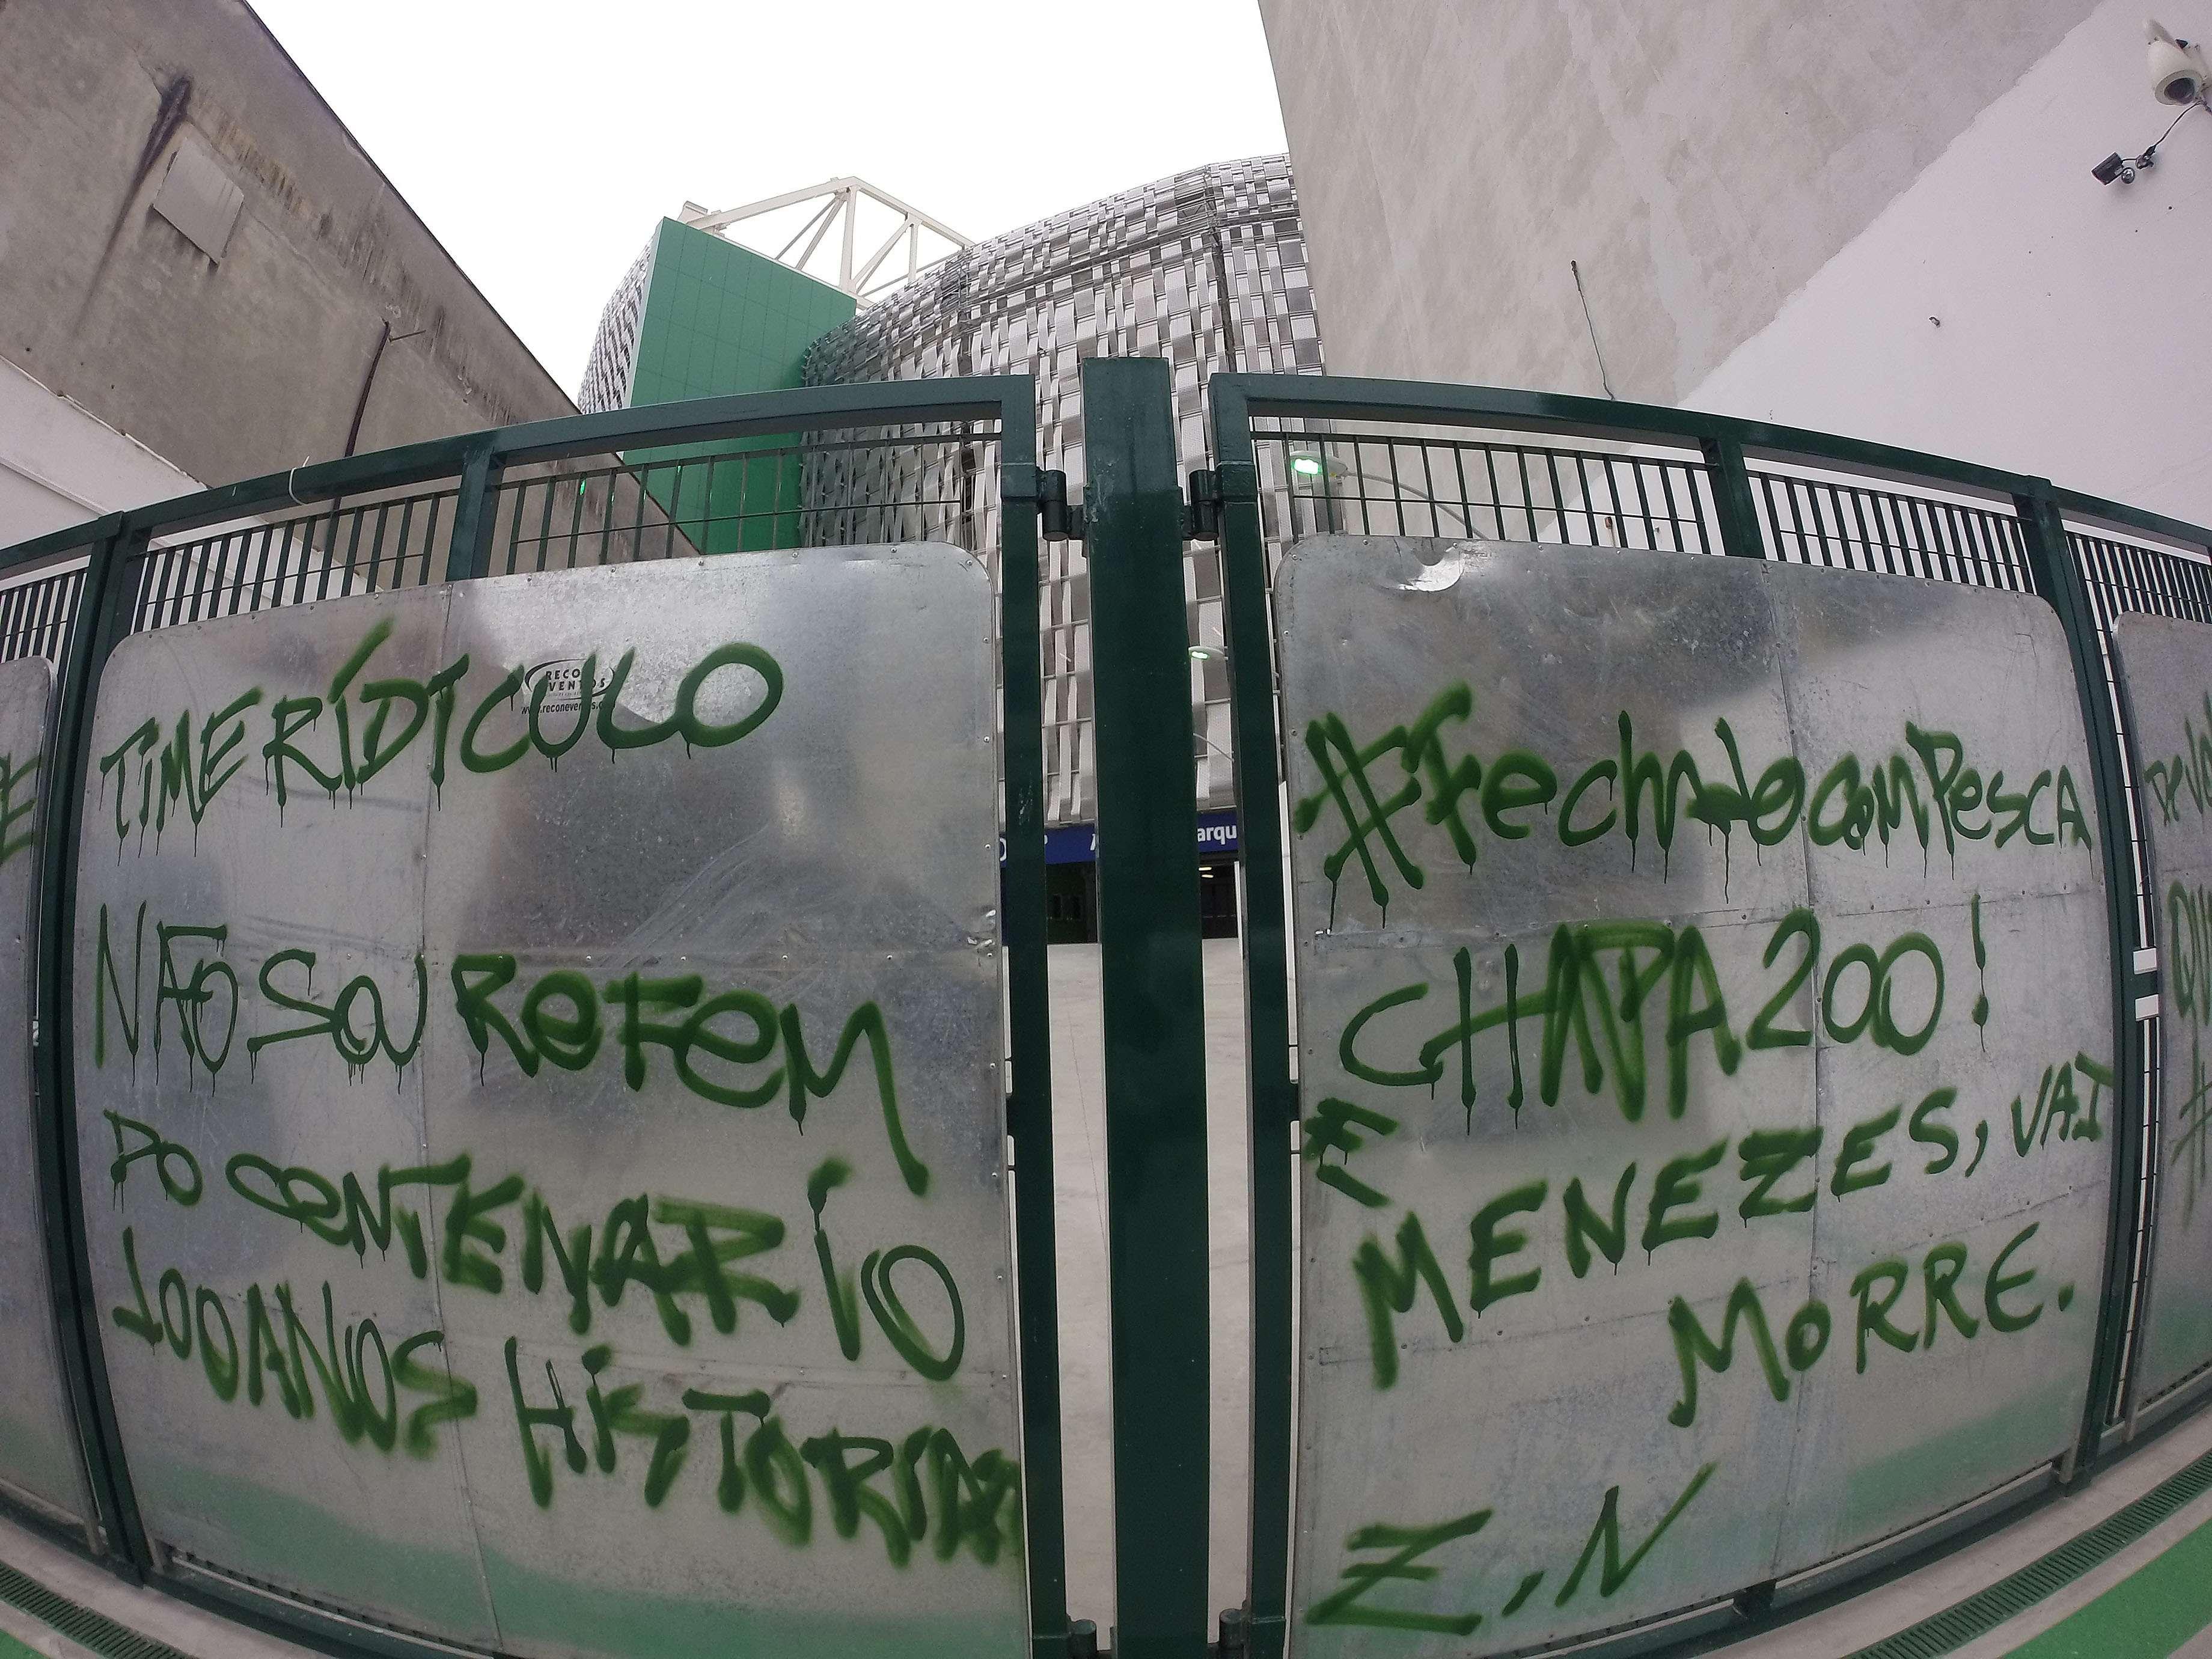 Portões tiveram diversas mensagens agressivas e até ameaça de morte Foto: Reginaldo Alves de Castro/Gazeta Press